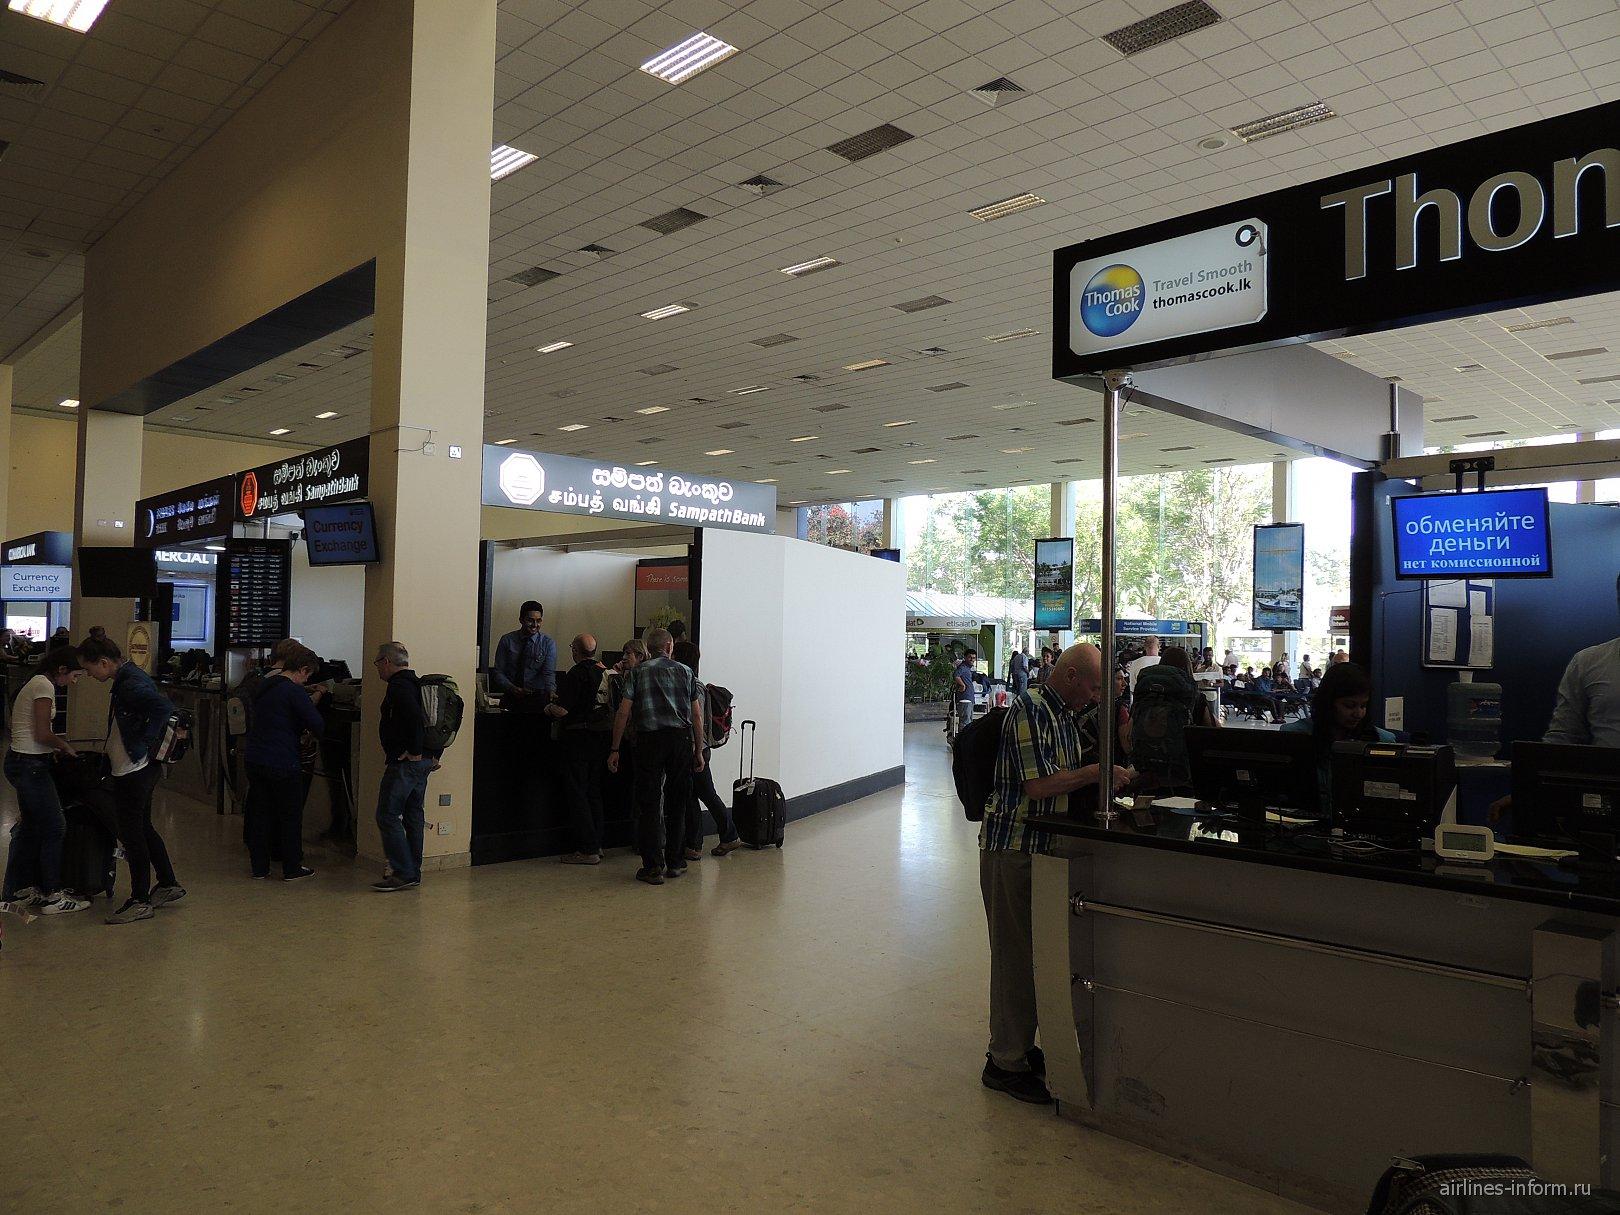 Обменные пункты на выходе из аэропорта Коломбо